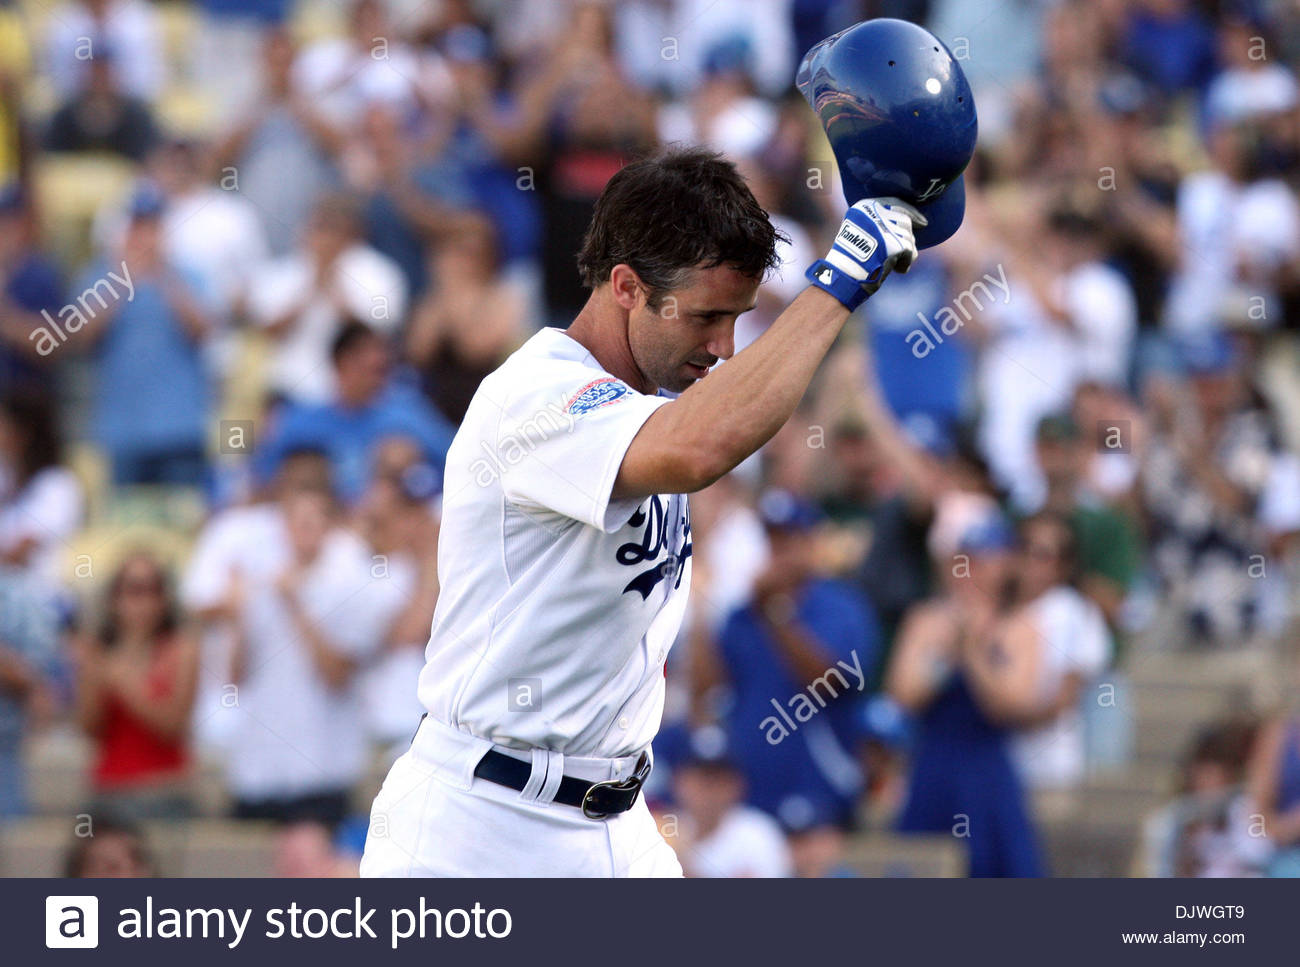 5a4a2305d88c4 Los Angeles Dodgers Hat Stock Photos   Los Angeles Dodgers Hat Stock ...